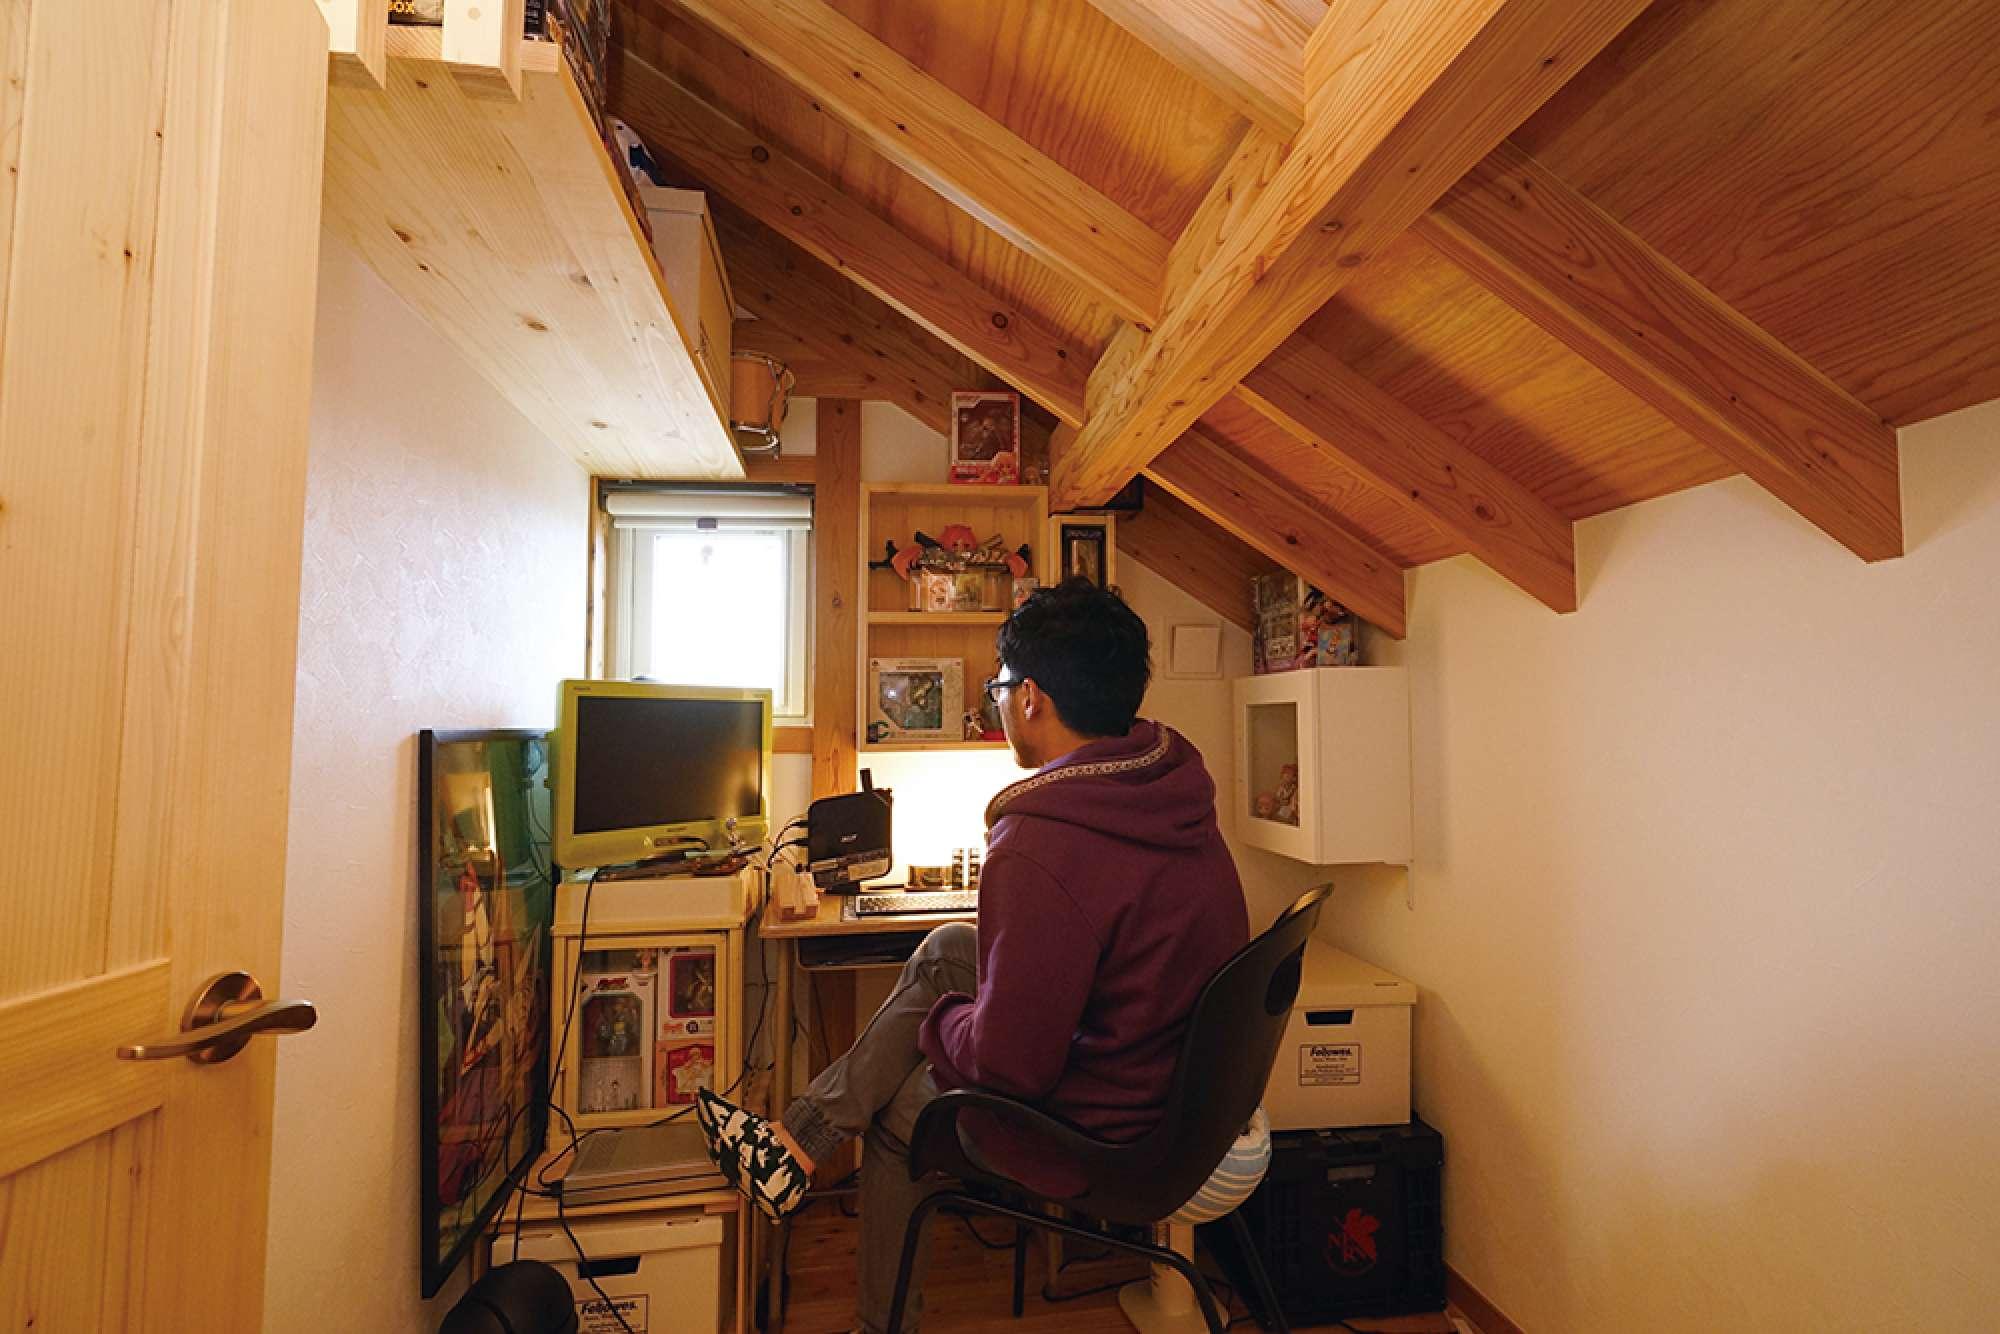 ご夫婦それぞれ書斎を持ち、ご主人の書斎は独立した配置 -  -  -